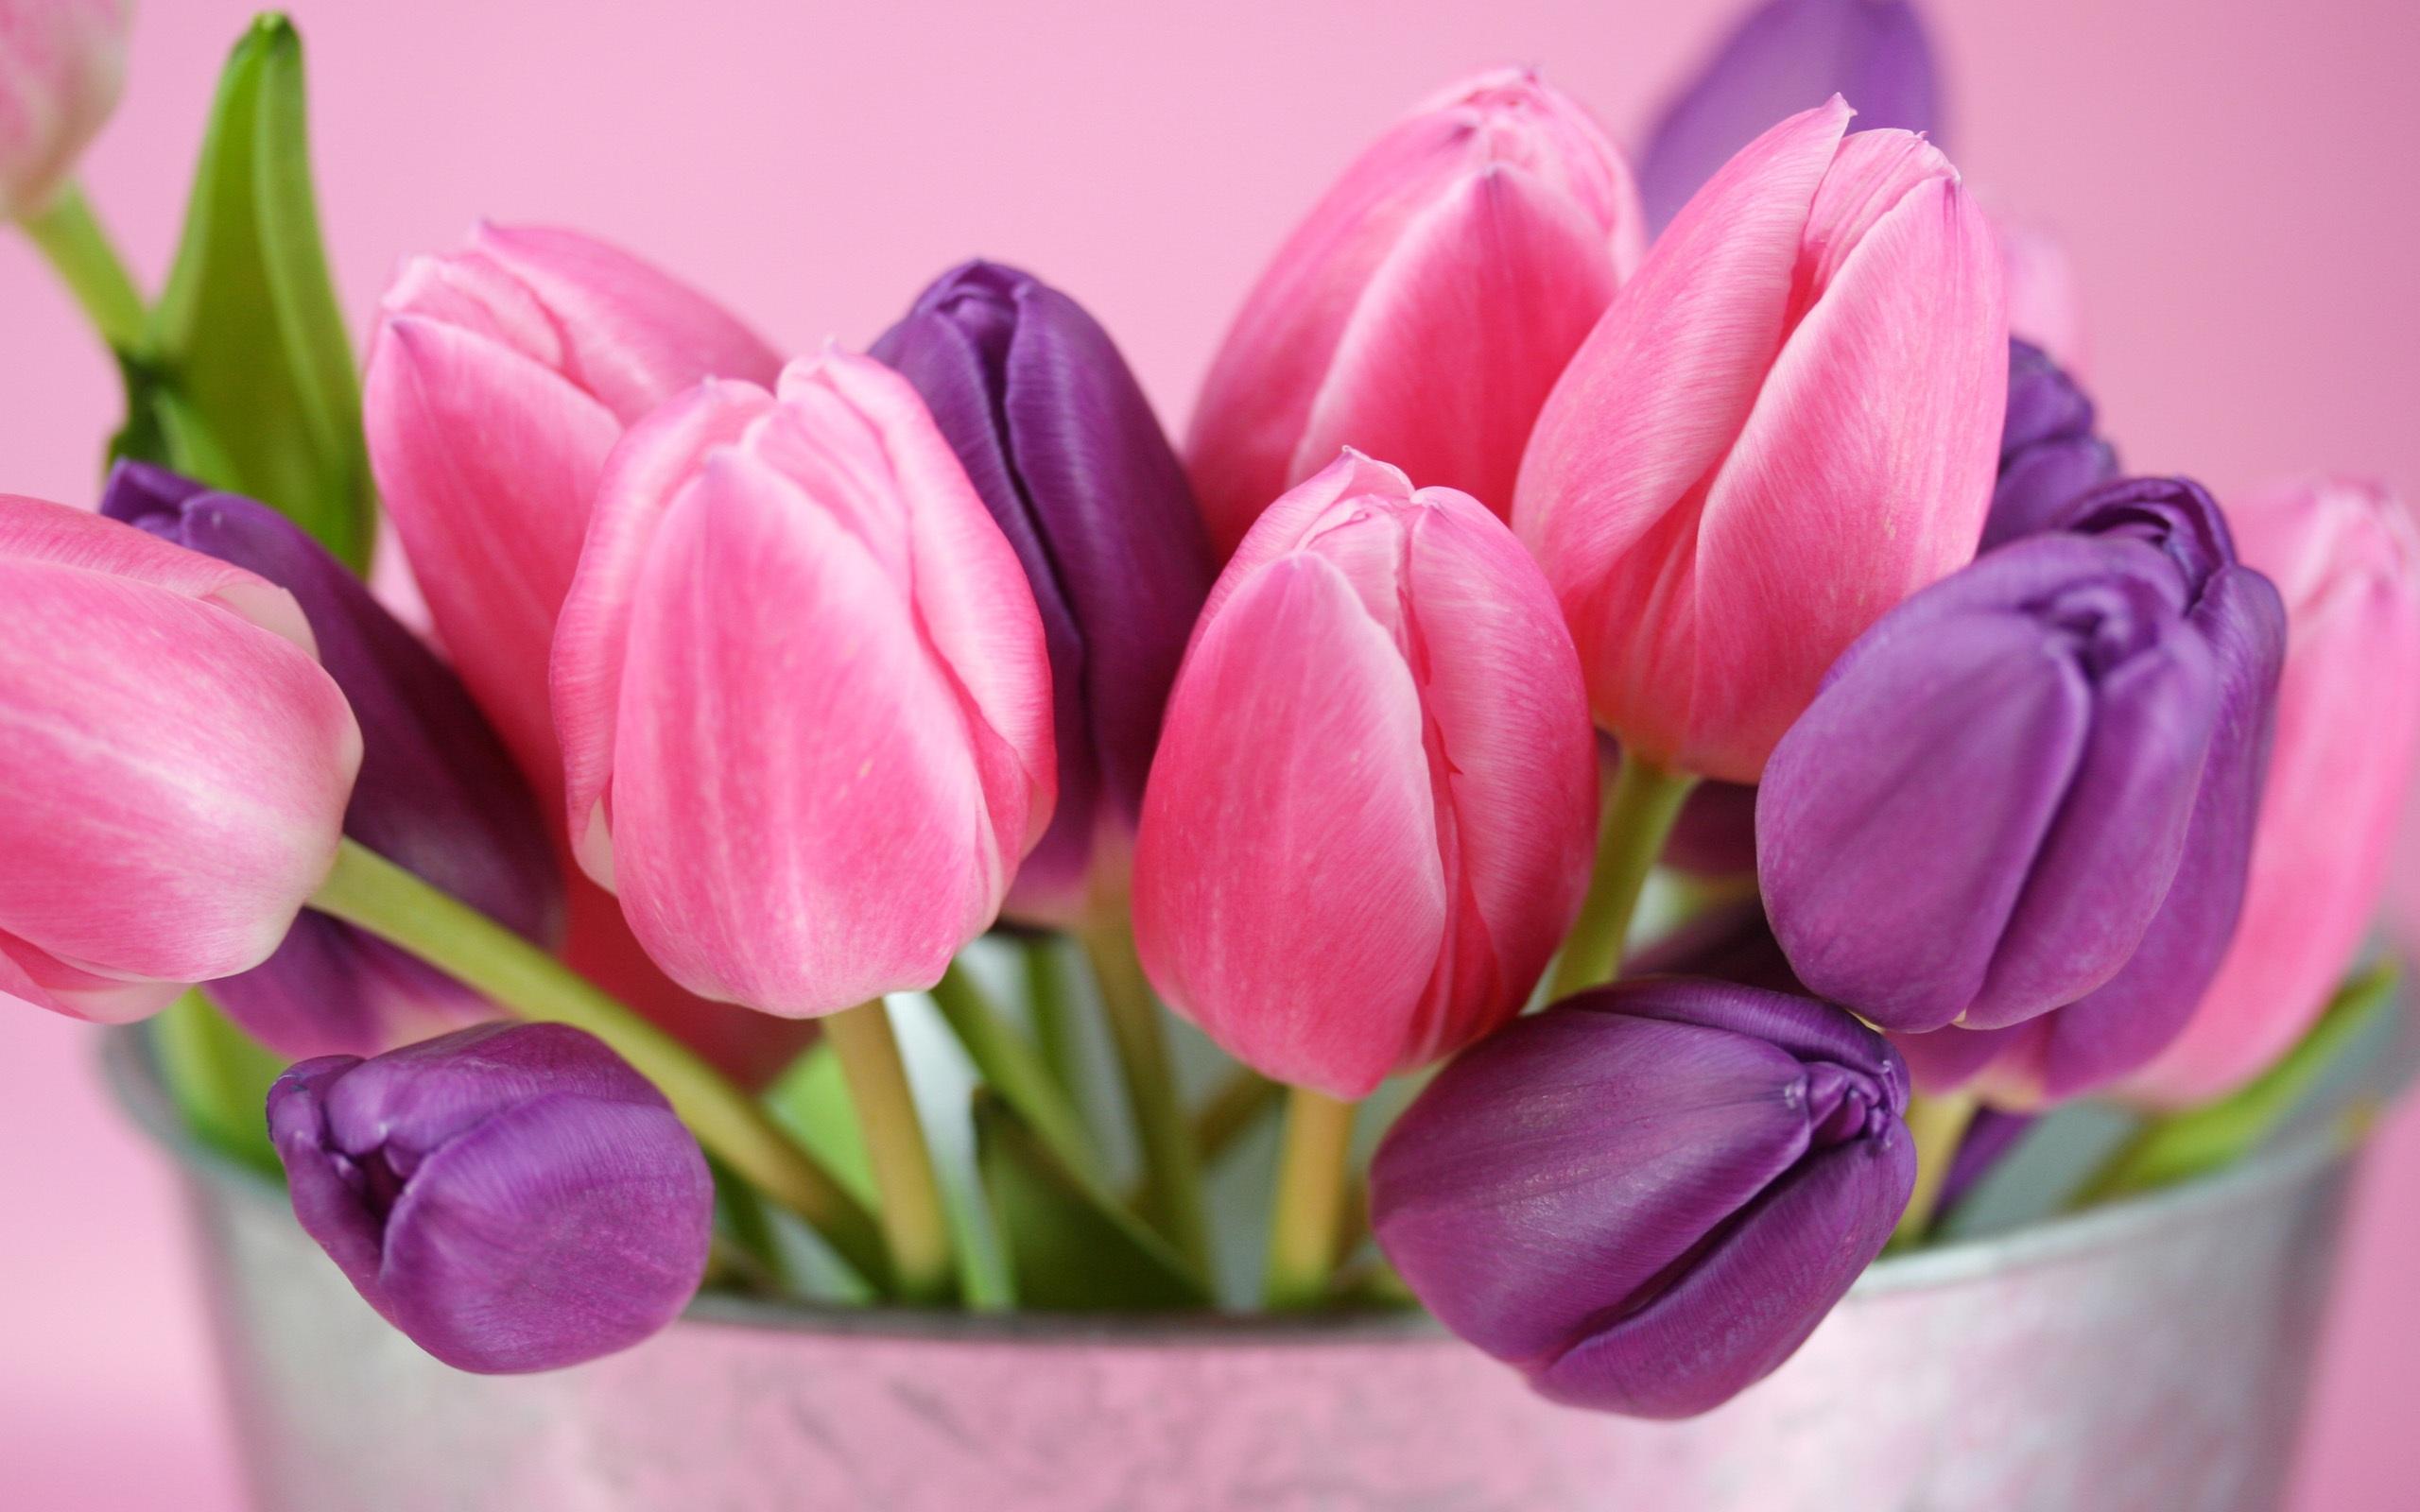 Hintergrundbilder beschreibung rosa und lila tulpen blumen